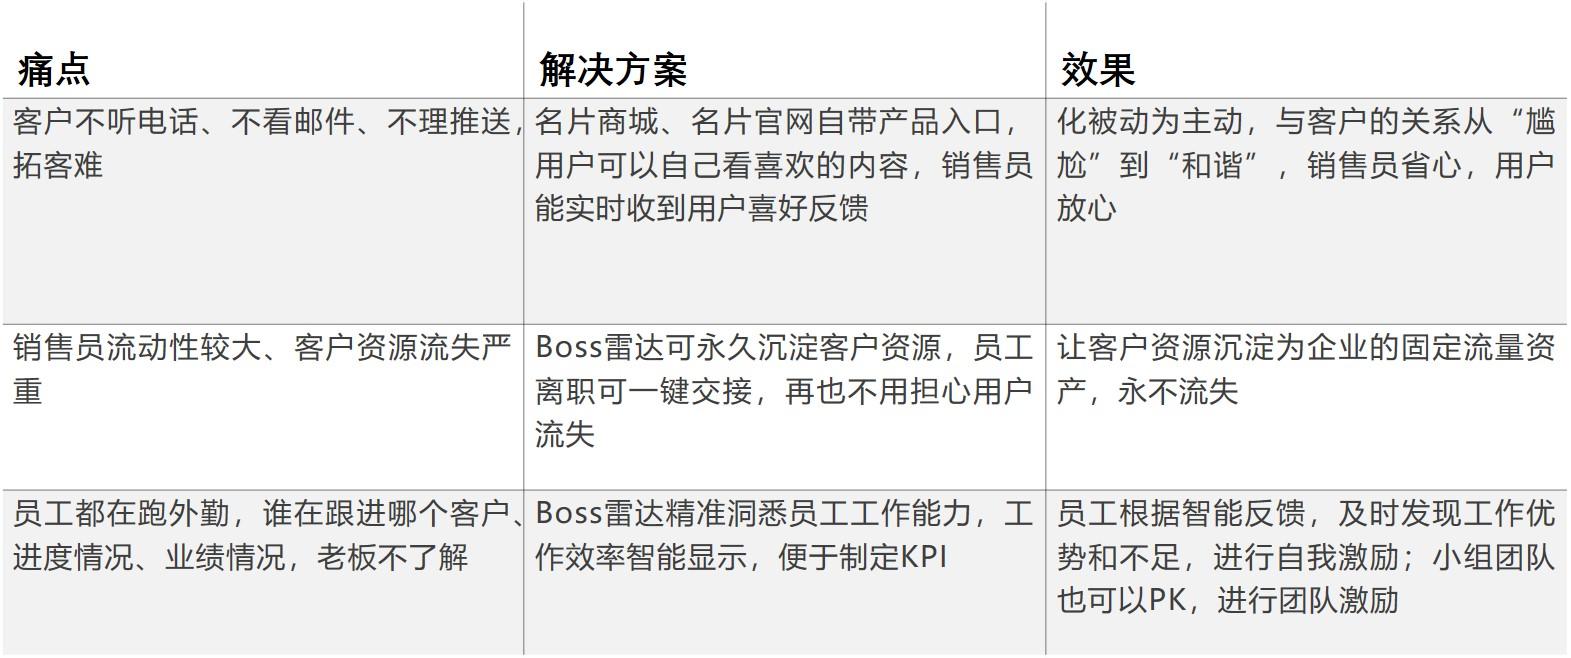 「中国人寿」登陆加推智能名片.jpg